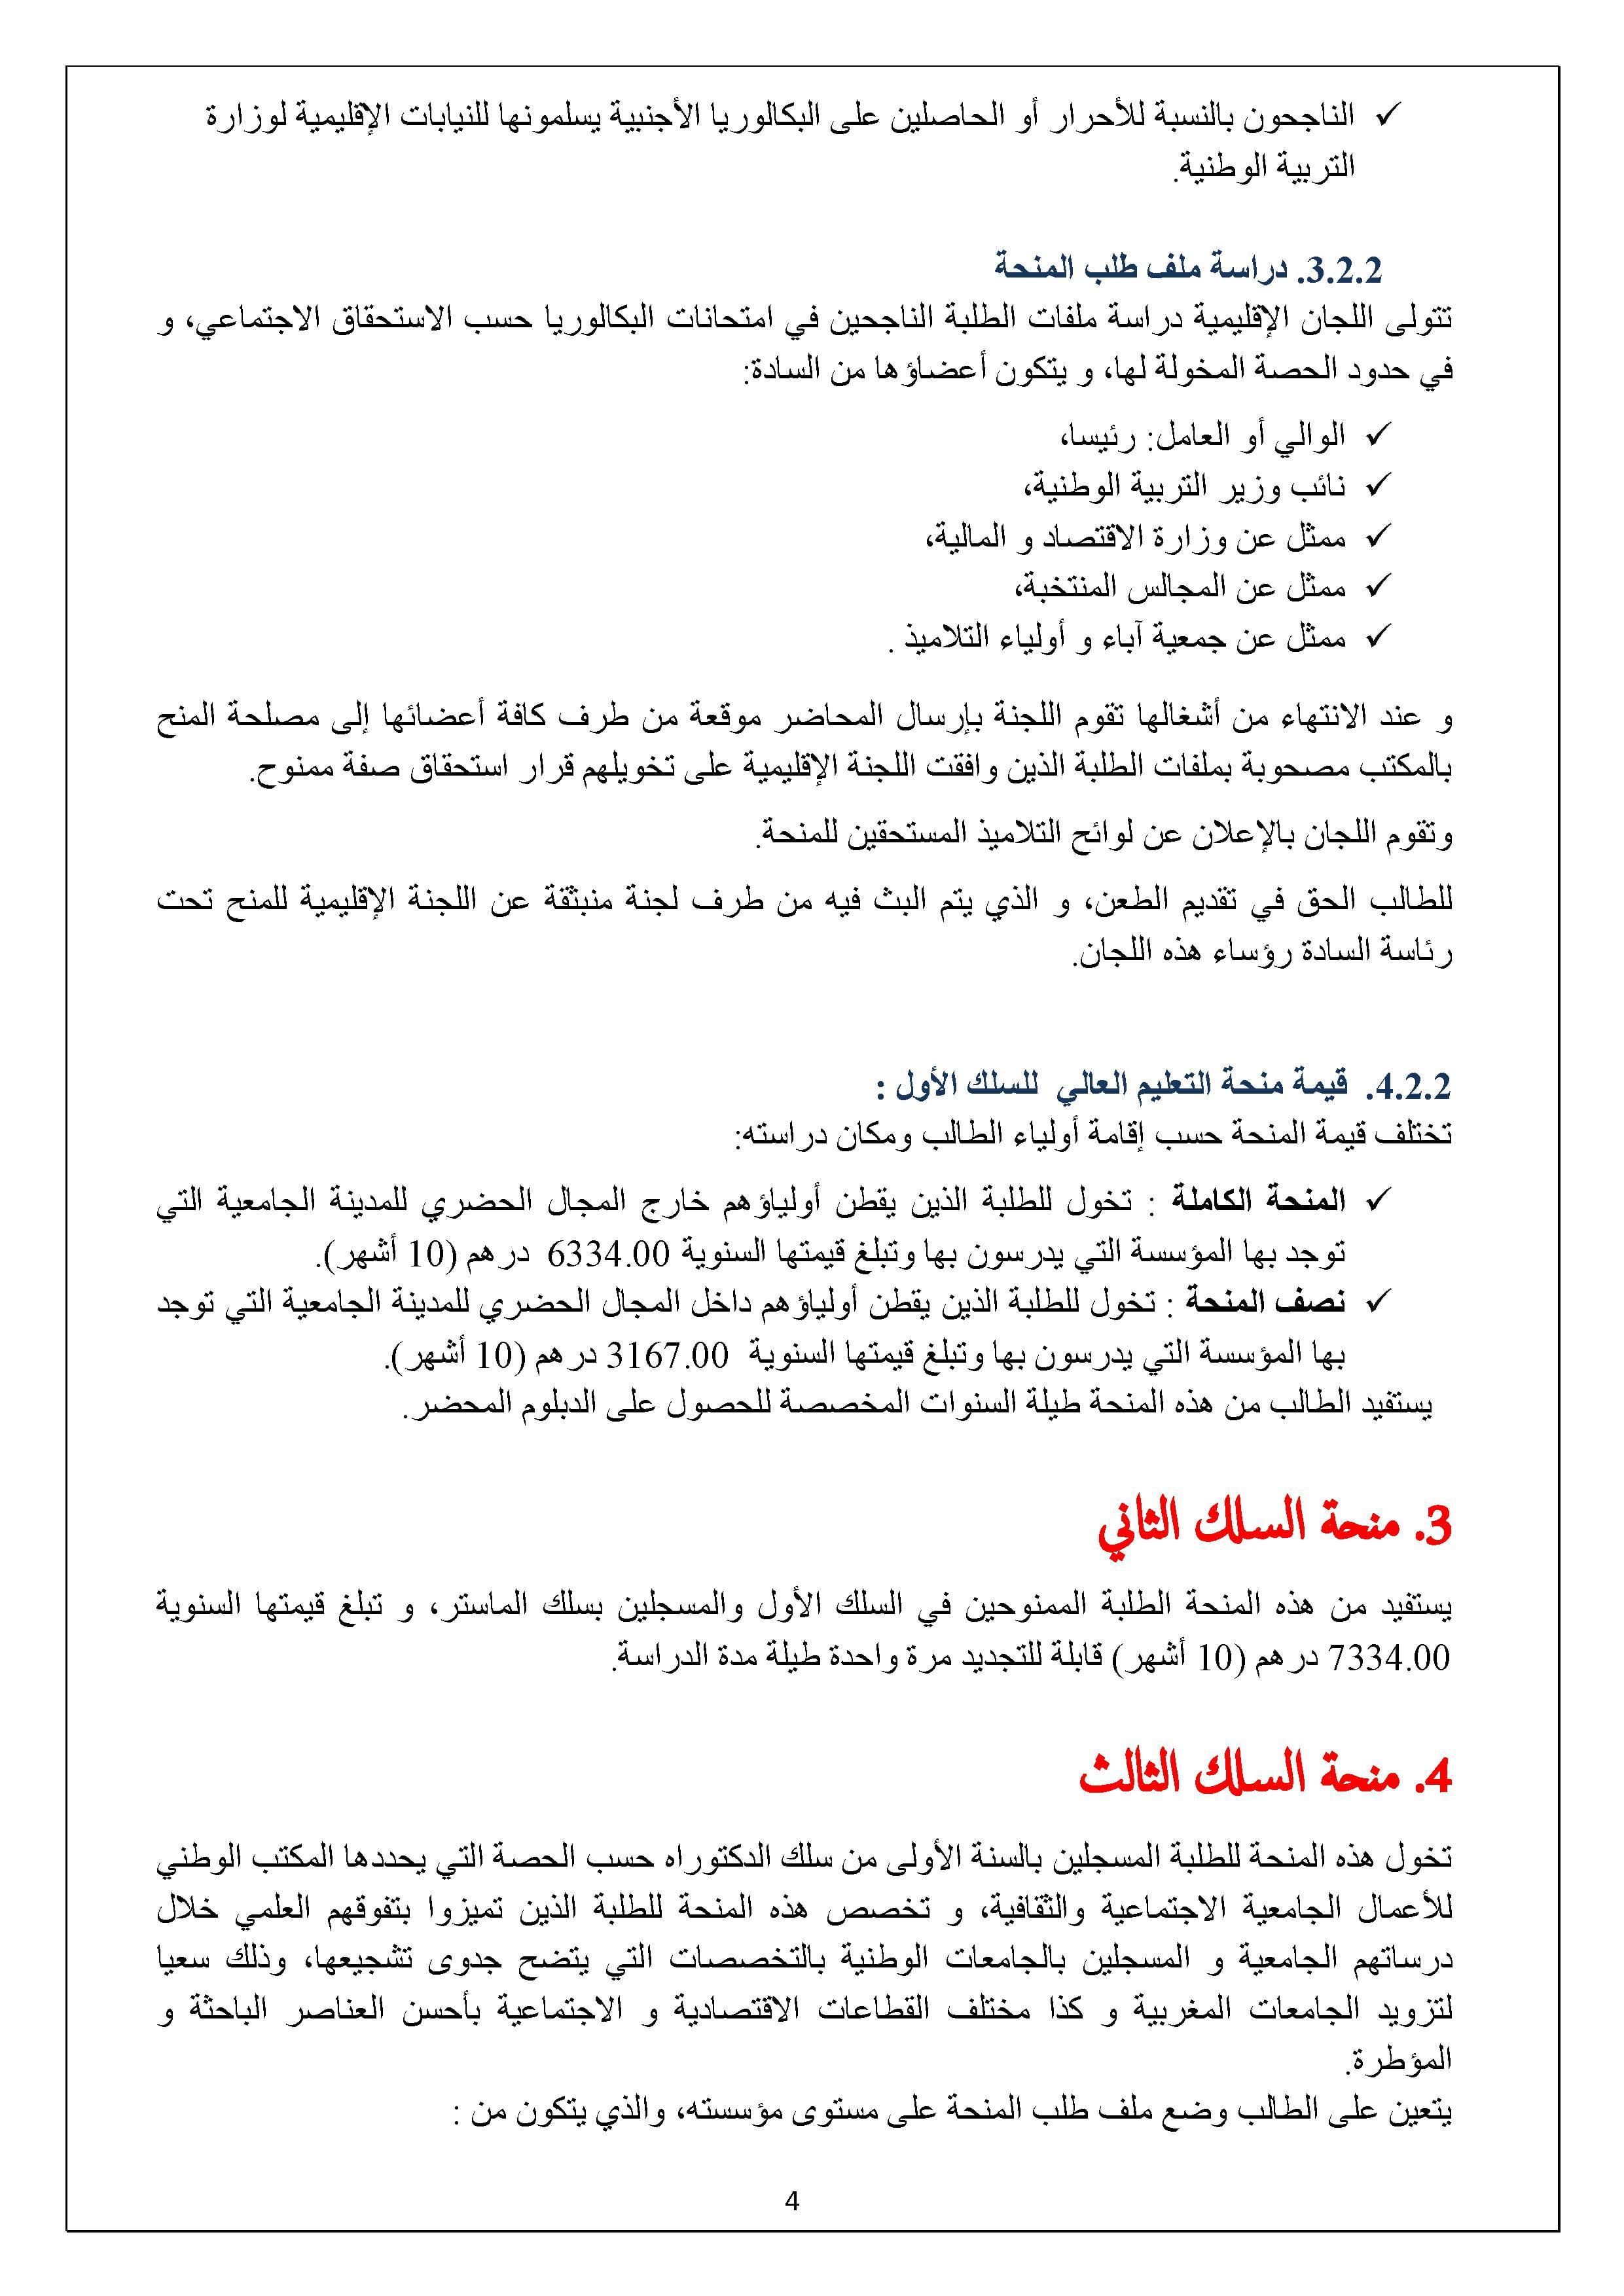 وثائق الحصول على المنحة الجامعية 2016 بالمغرب 5